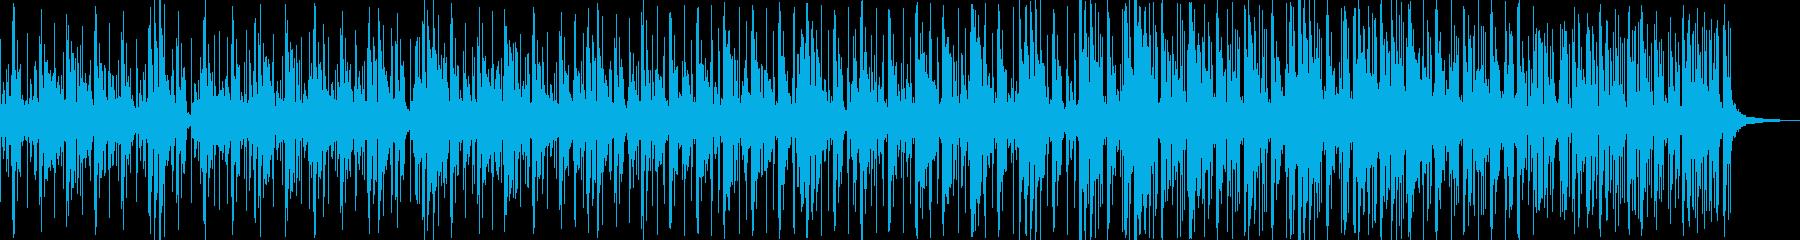 バー 大人な夜 クラブ ジャズ スムースの再生済みの波形